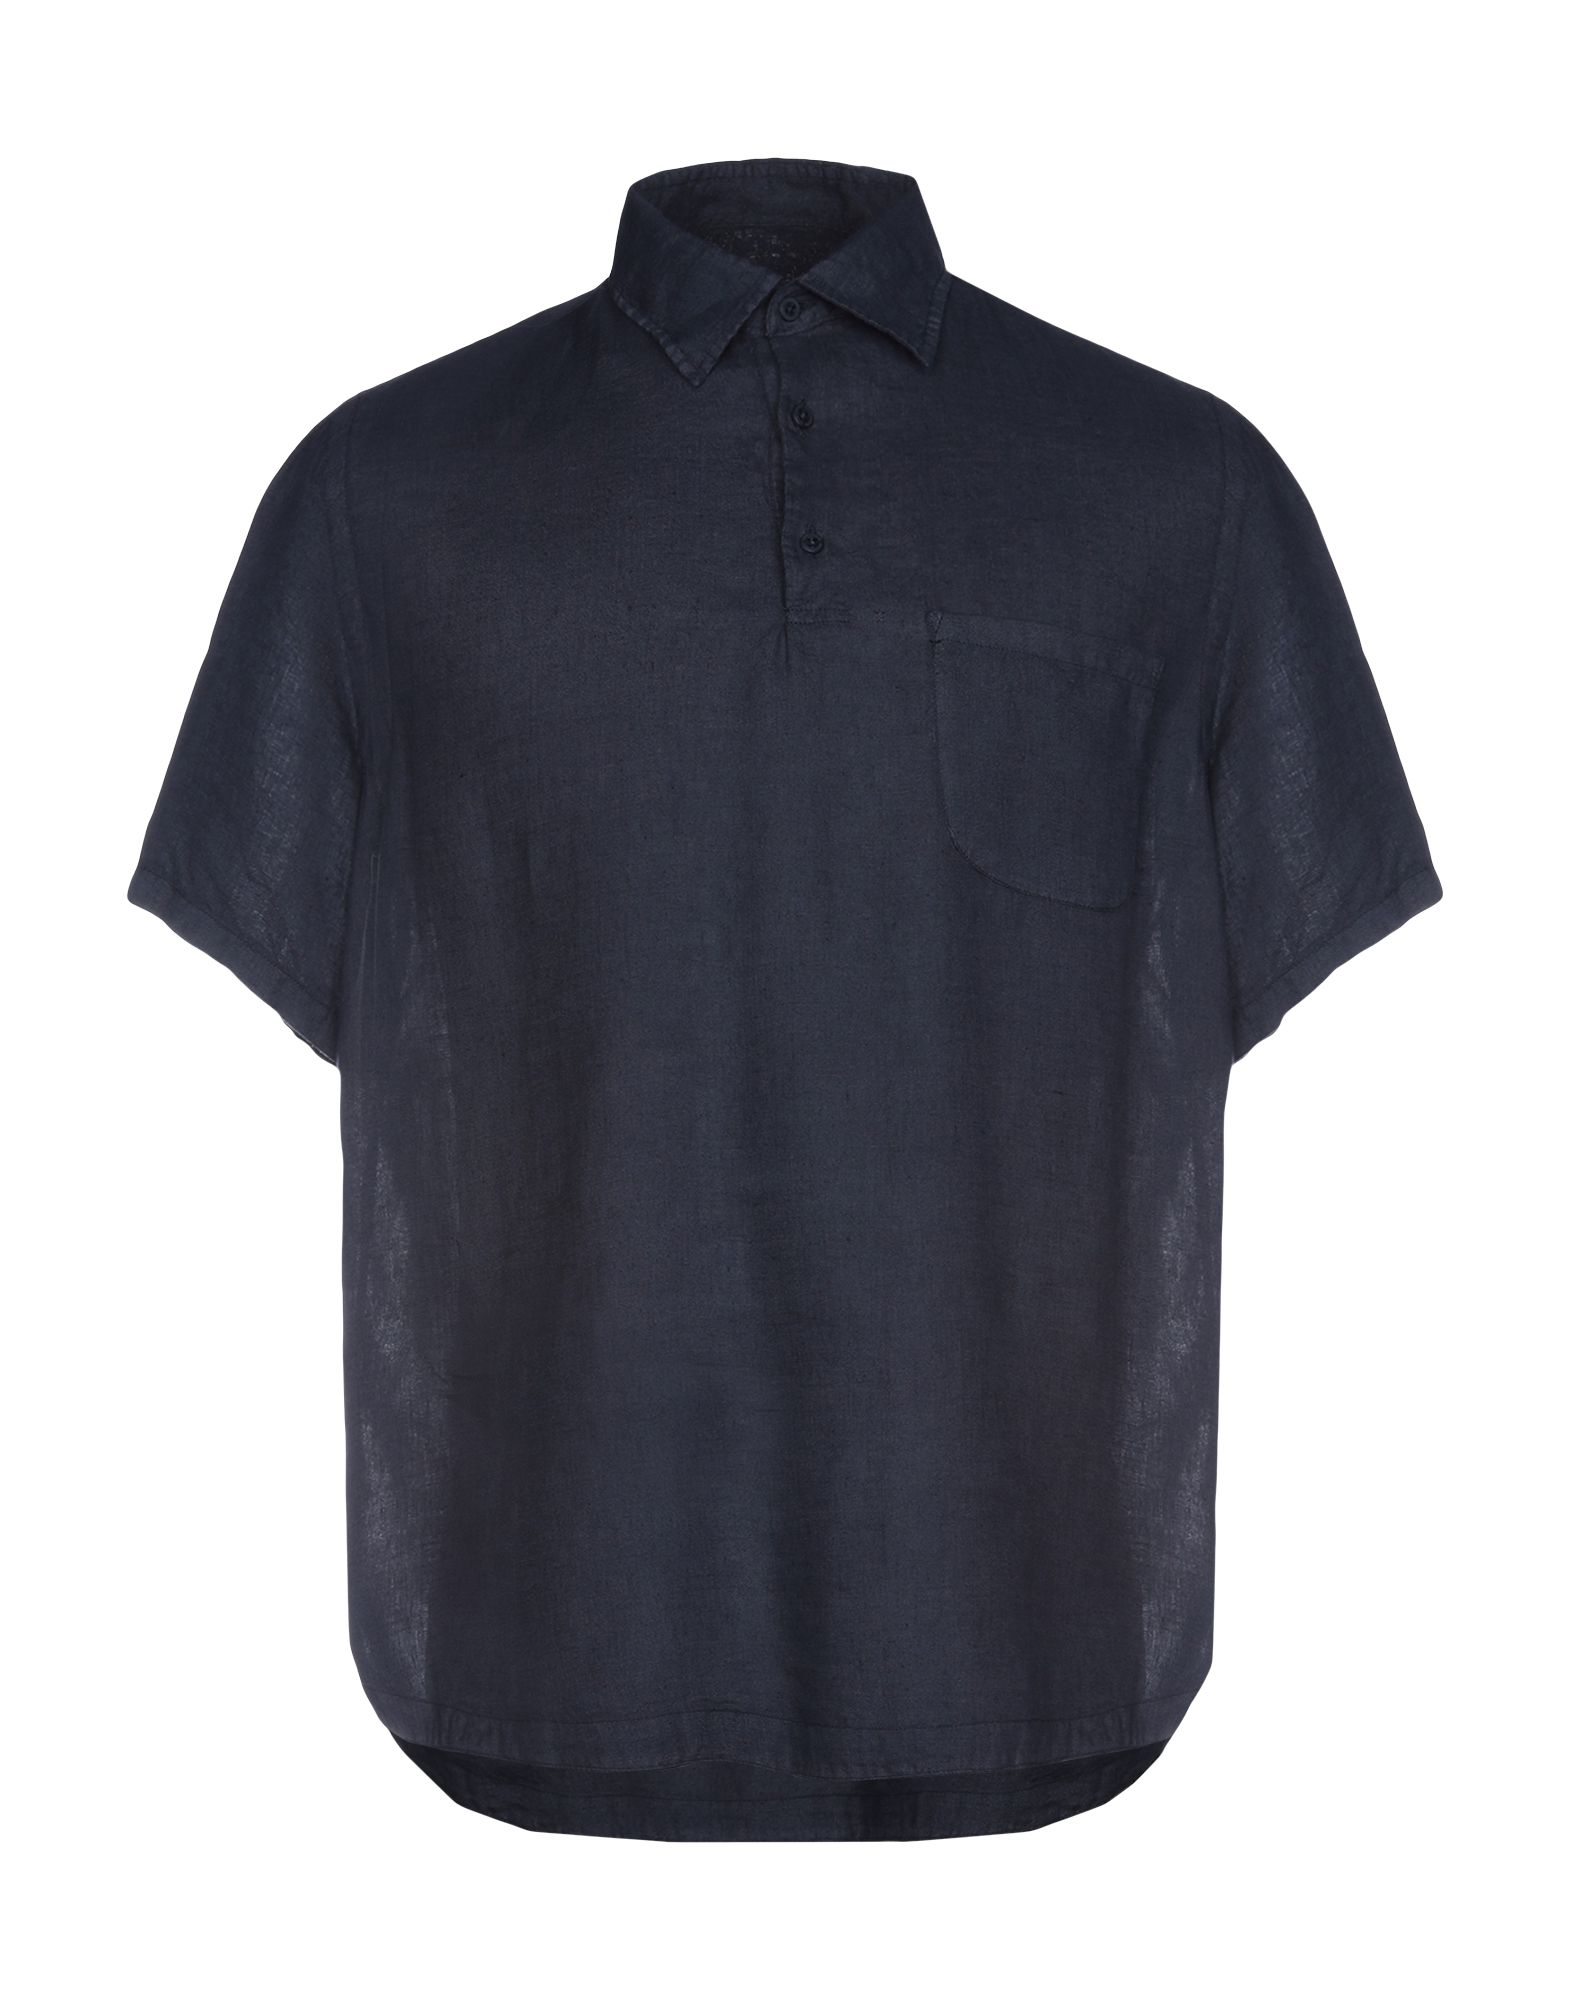 COSTUMEIN Shirts in Dark Blue